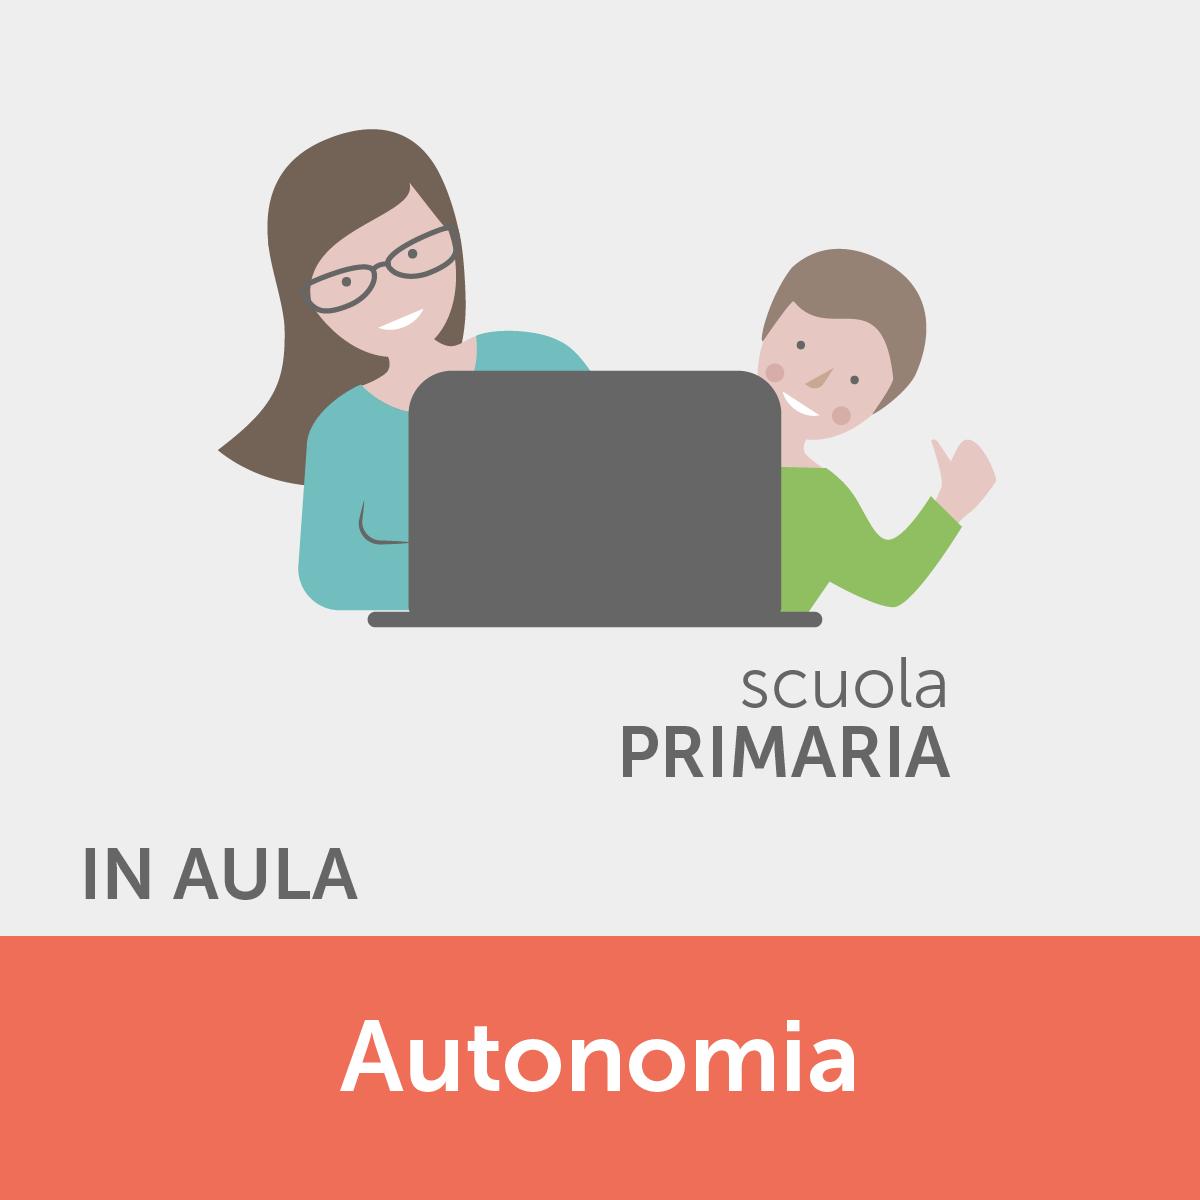 Informatica per l'autonomia: genitori e figli - Scuola Primaria